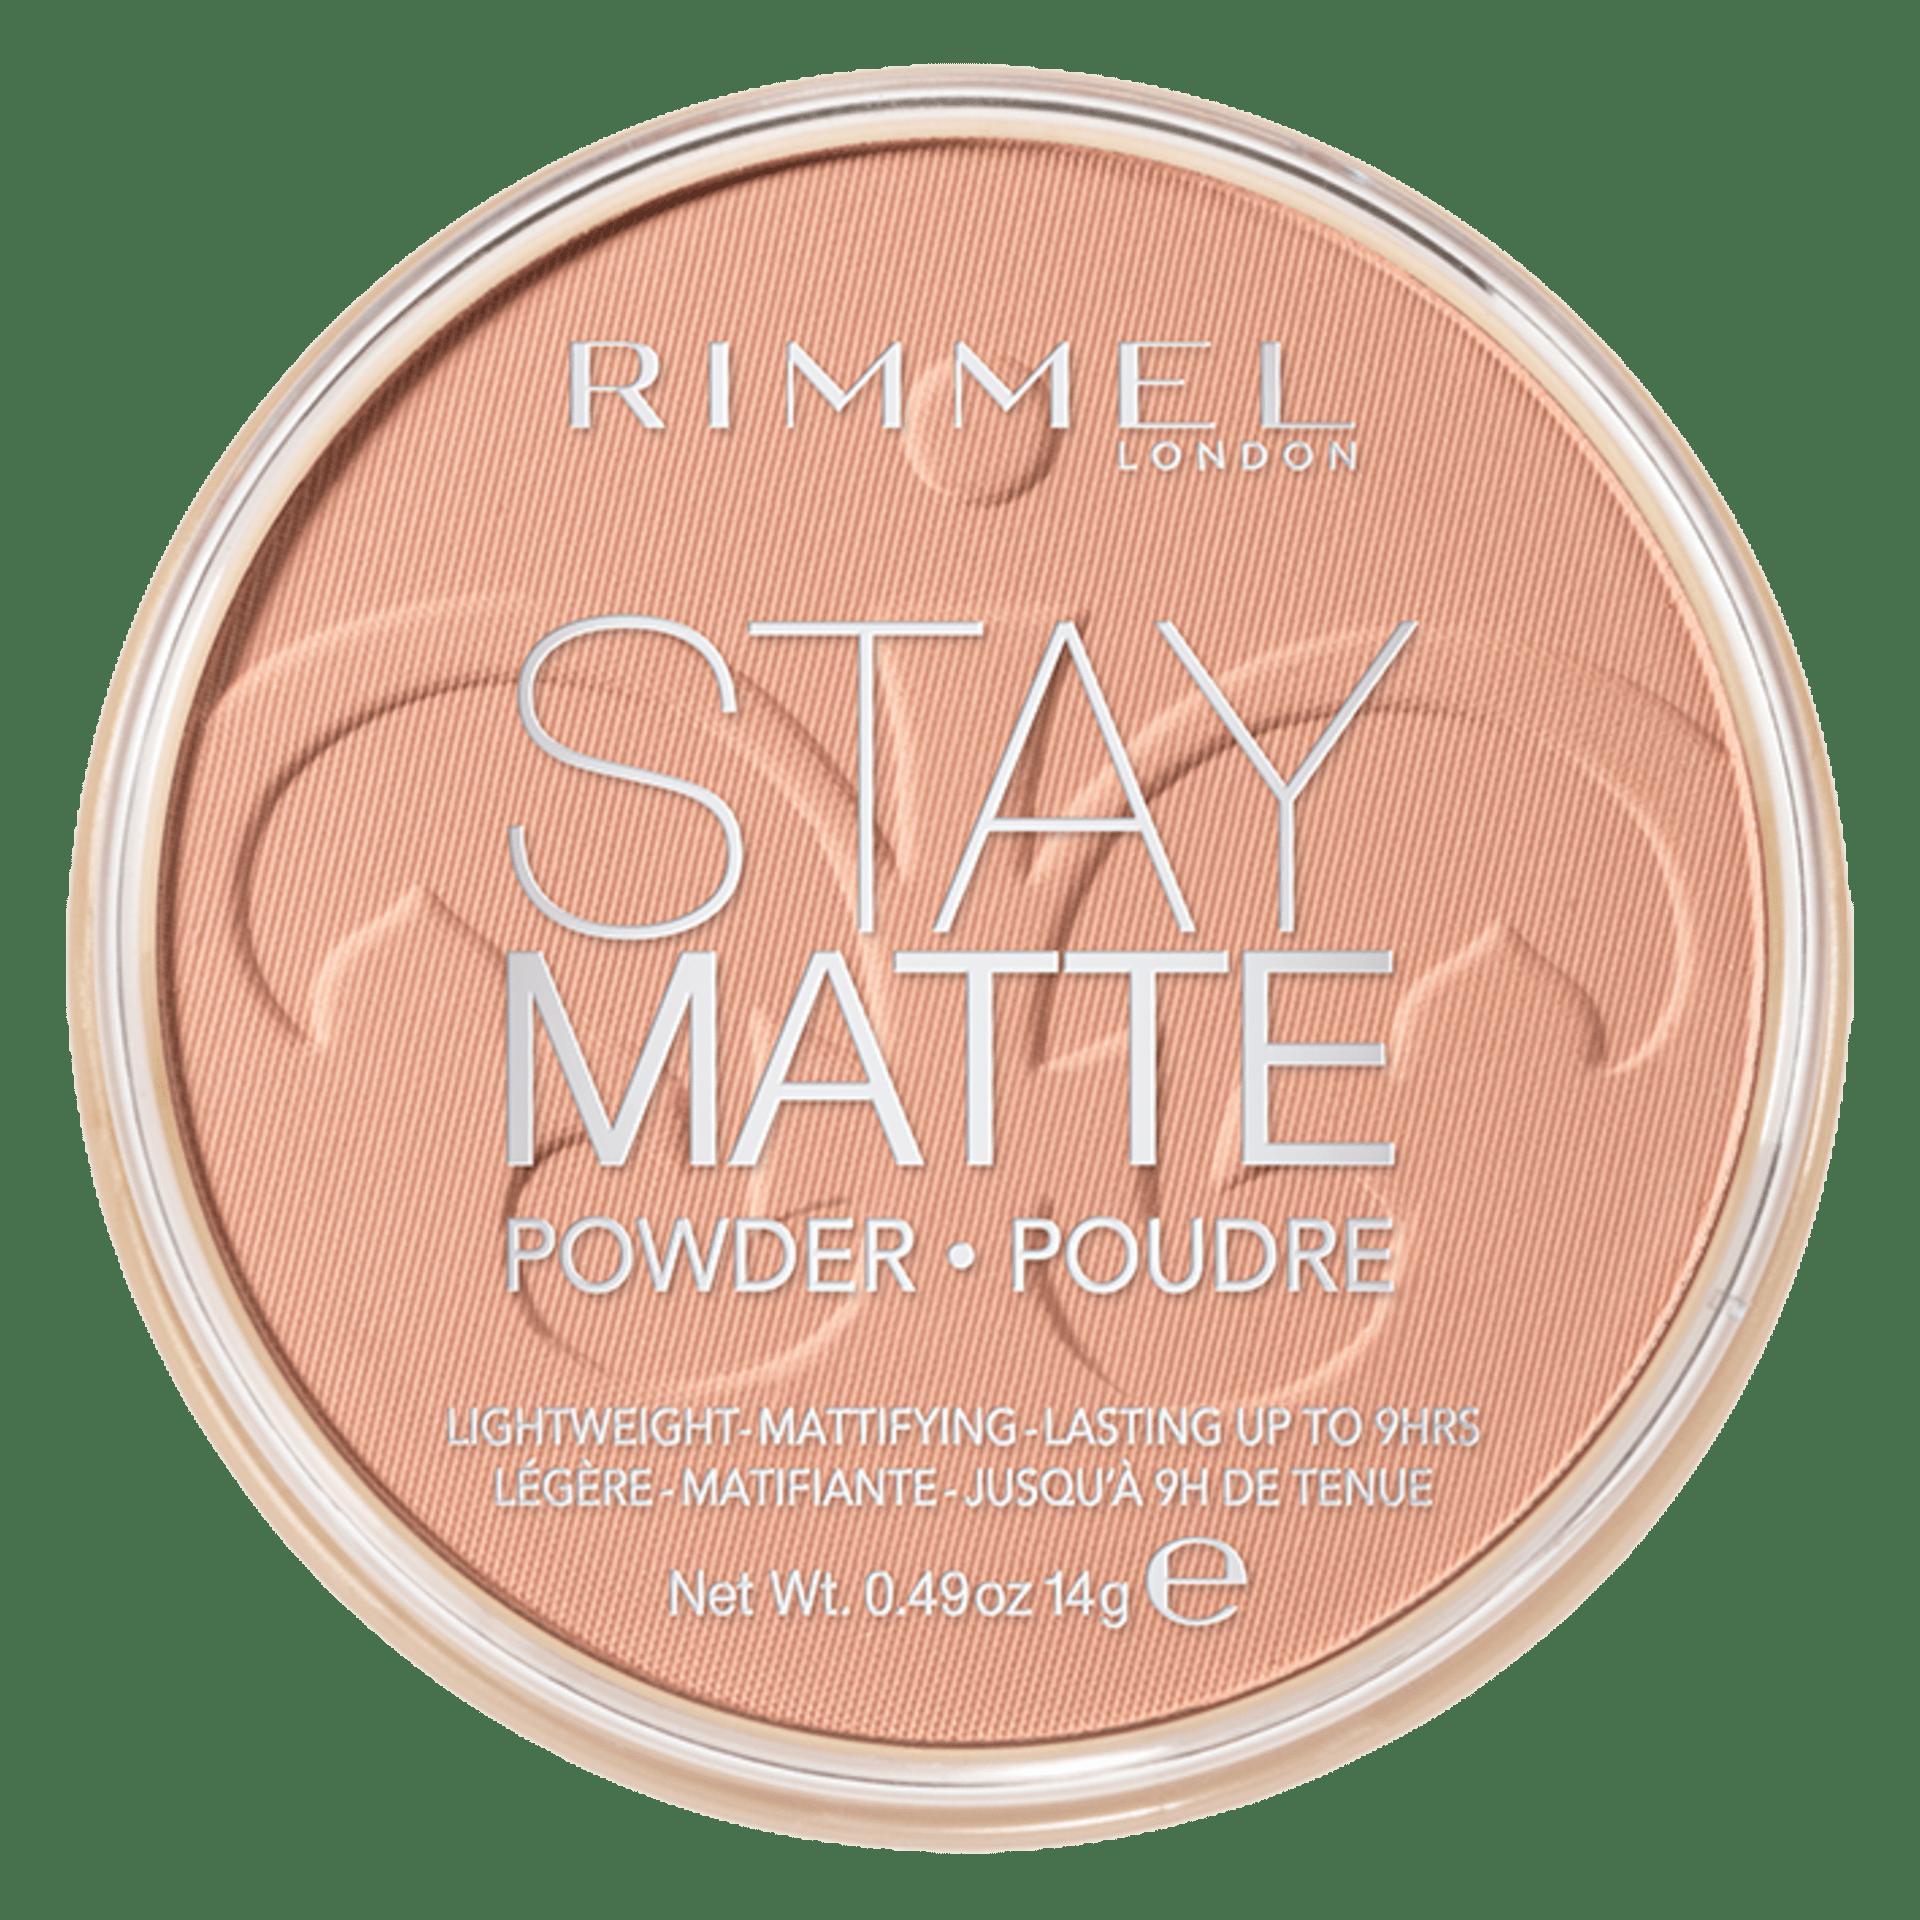 Image of Rimmel Stay Matte Cipria Compatta - 008 Cashmere